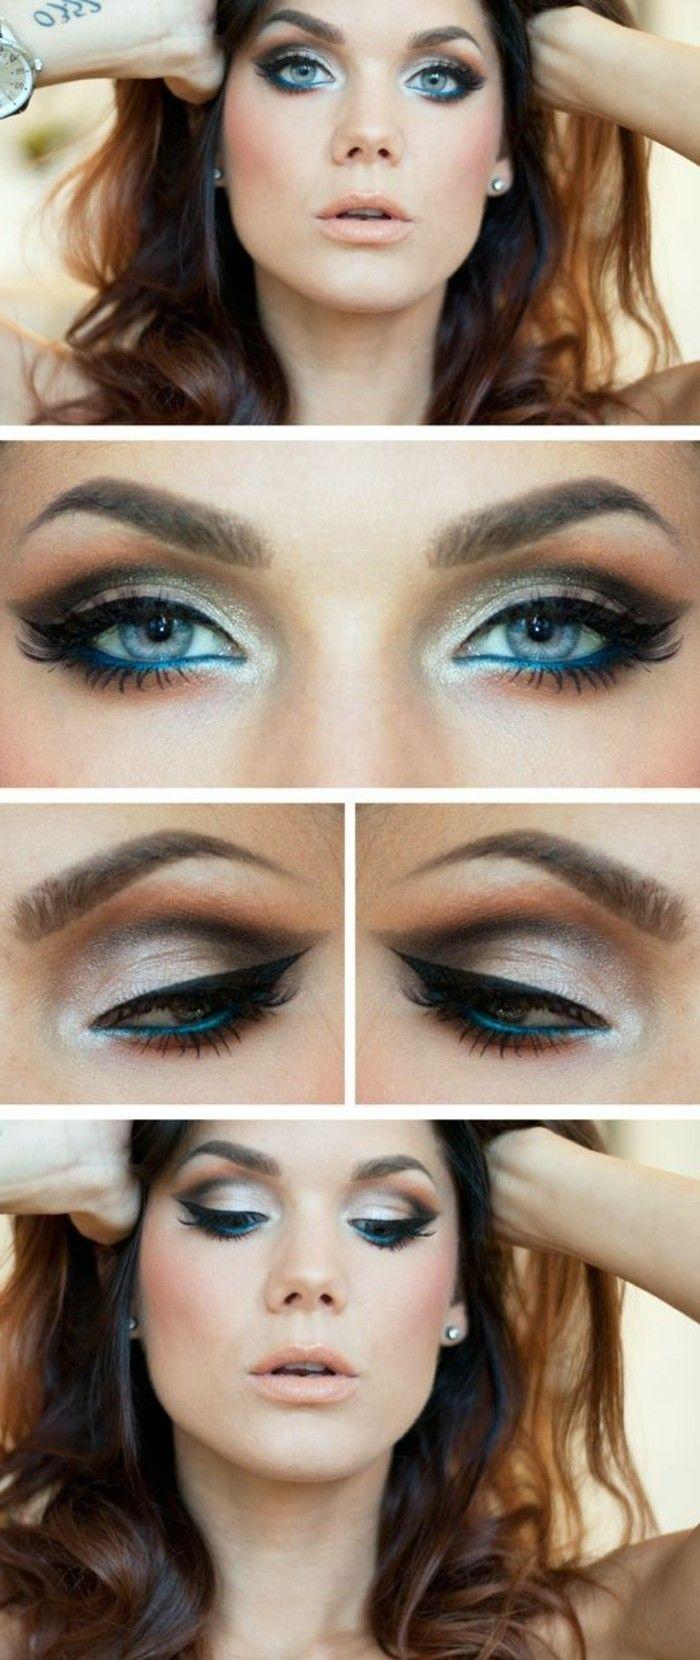 tuto facile et rapide pour comment maquiller les yeux bleus, smokey make up pour yeux bleus